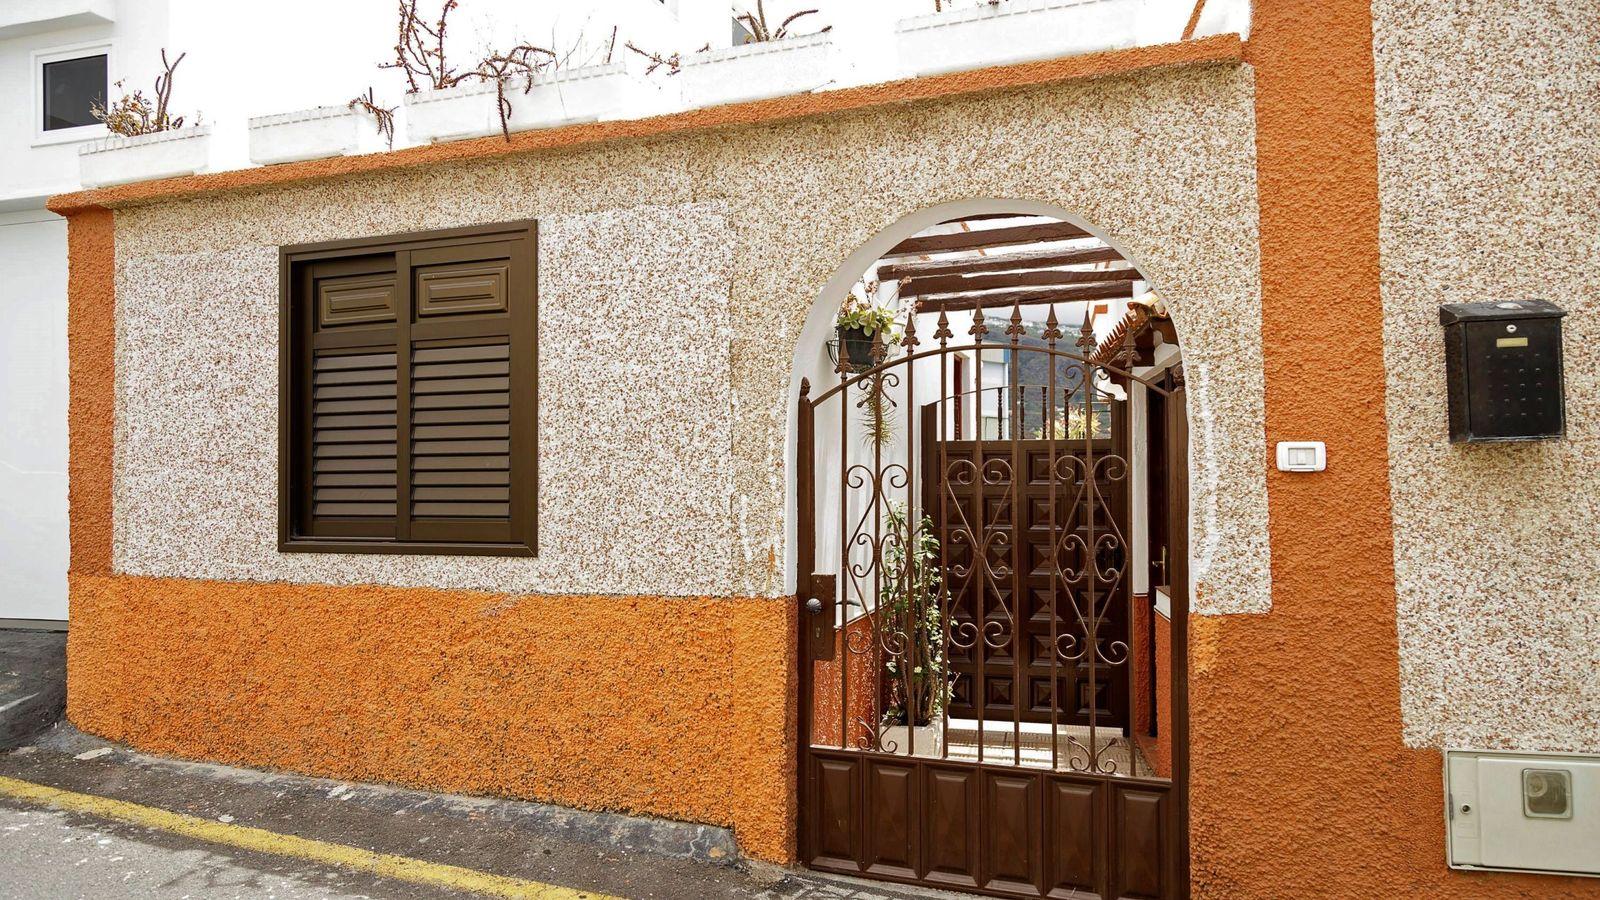 Descartan el origen traumático en la muerte de una mujer en Tenerife